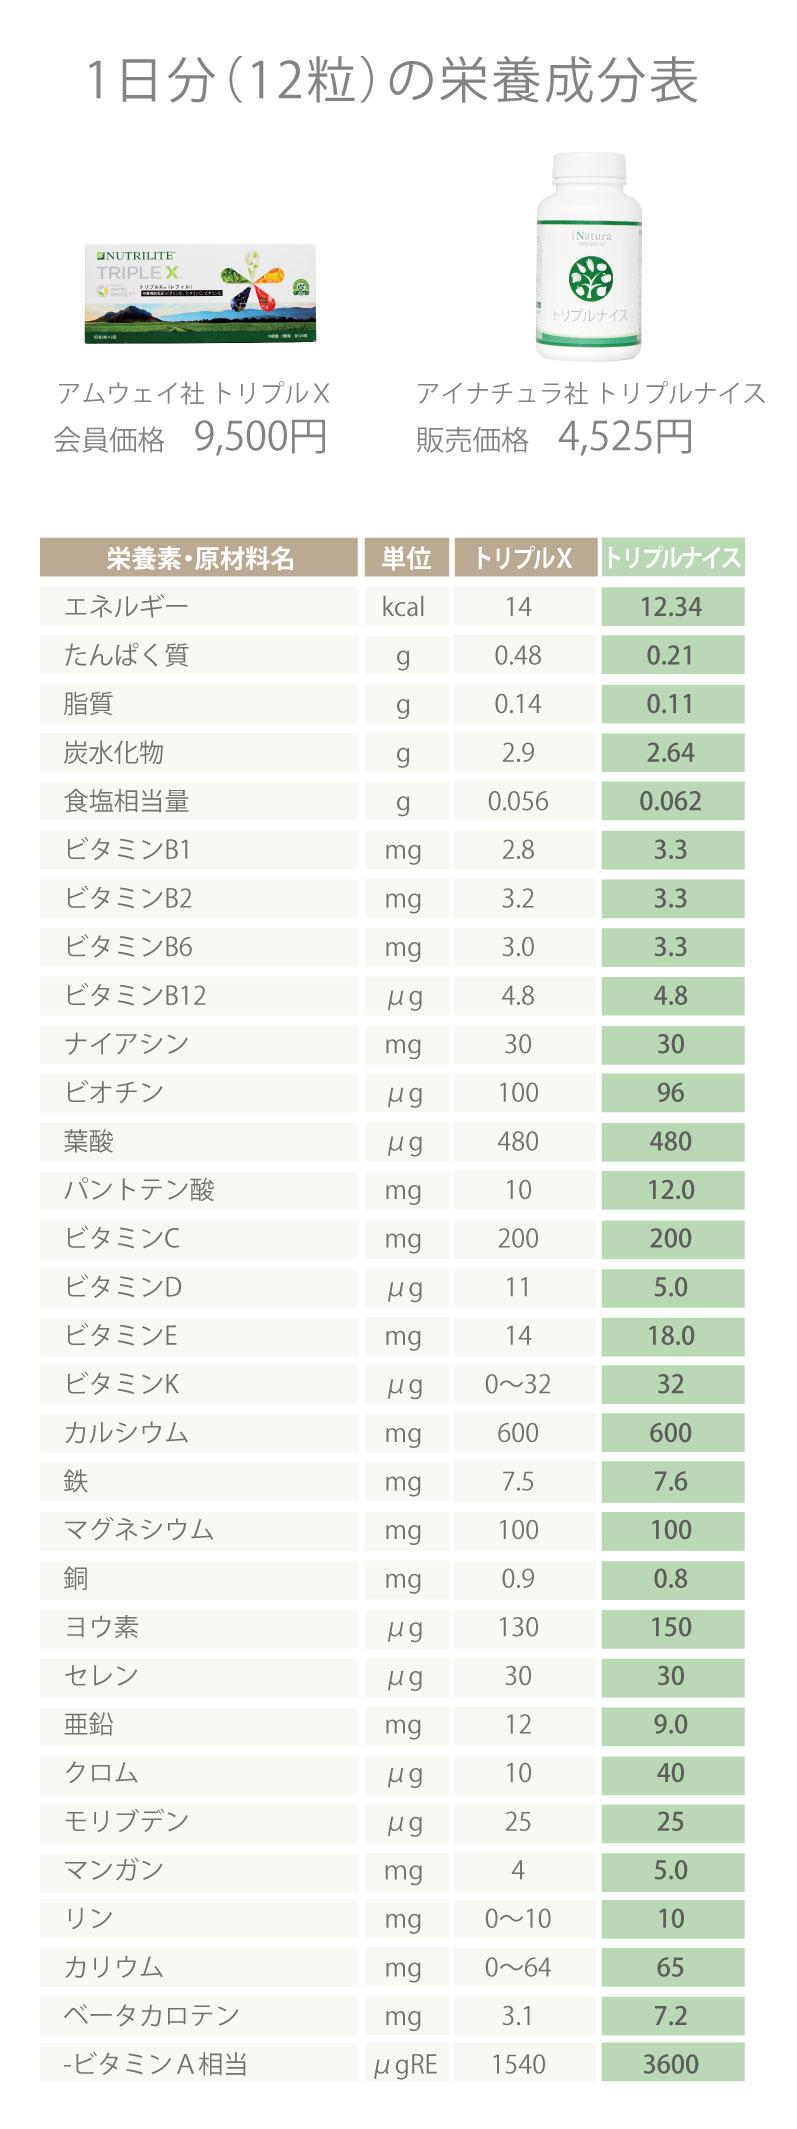 アムウェイ社トリプルXとアイナチュラ社トリプルナイス1日分12粒の栄養成分表